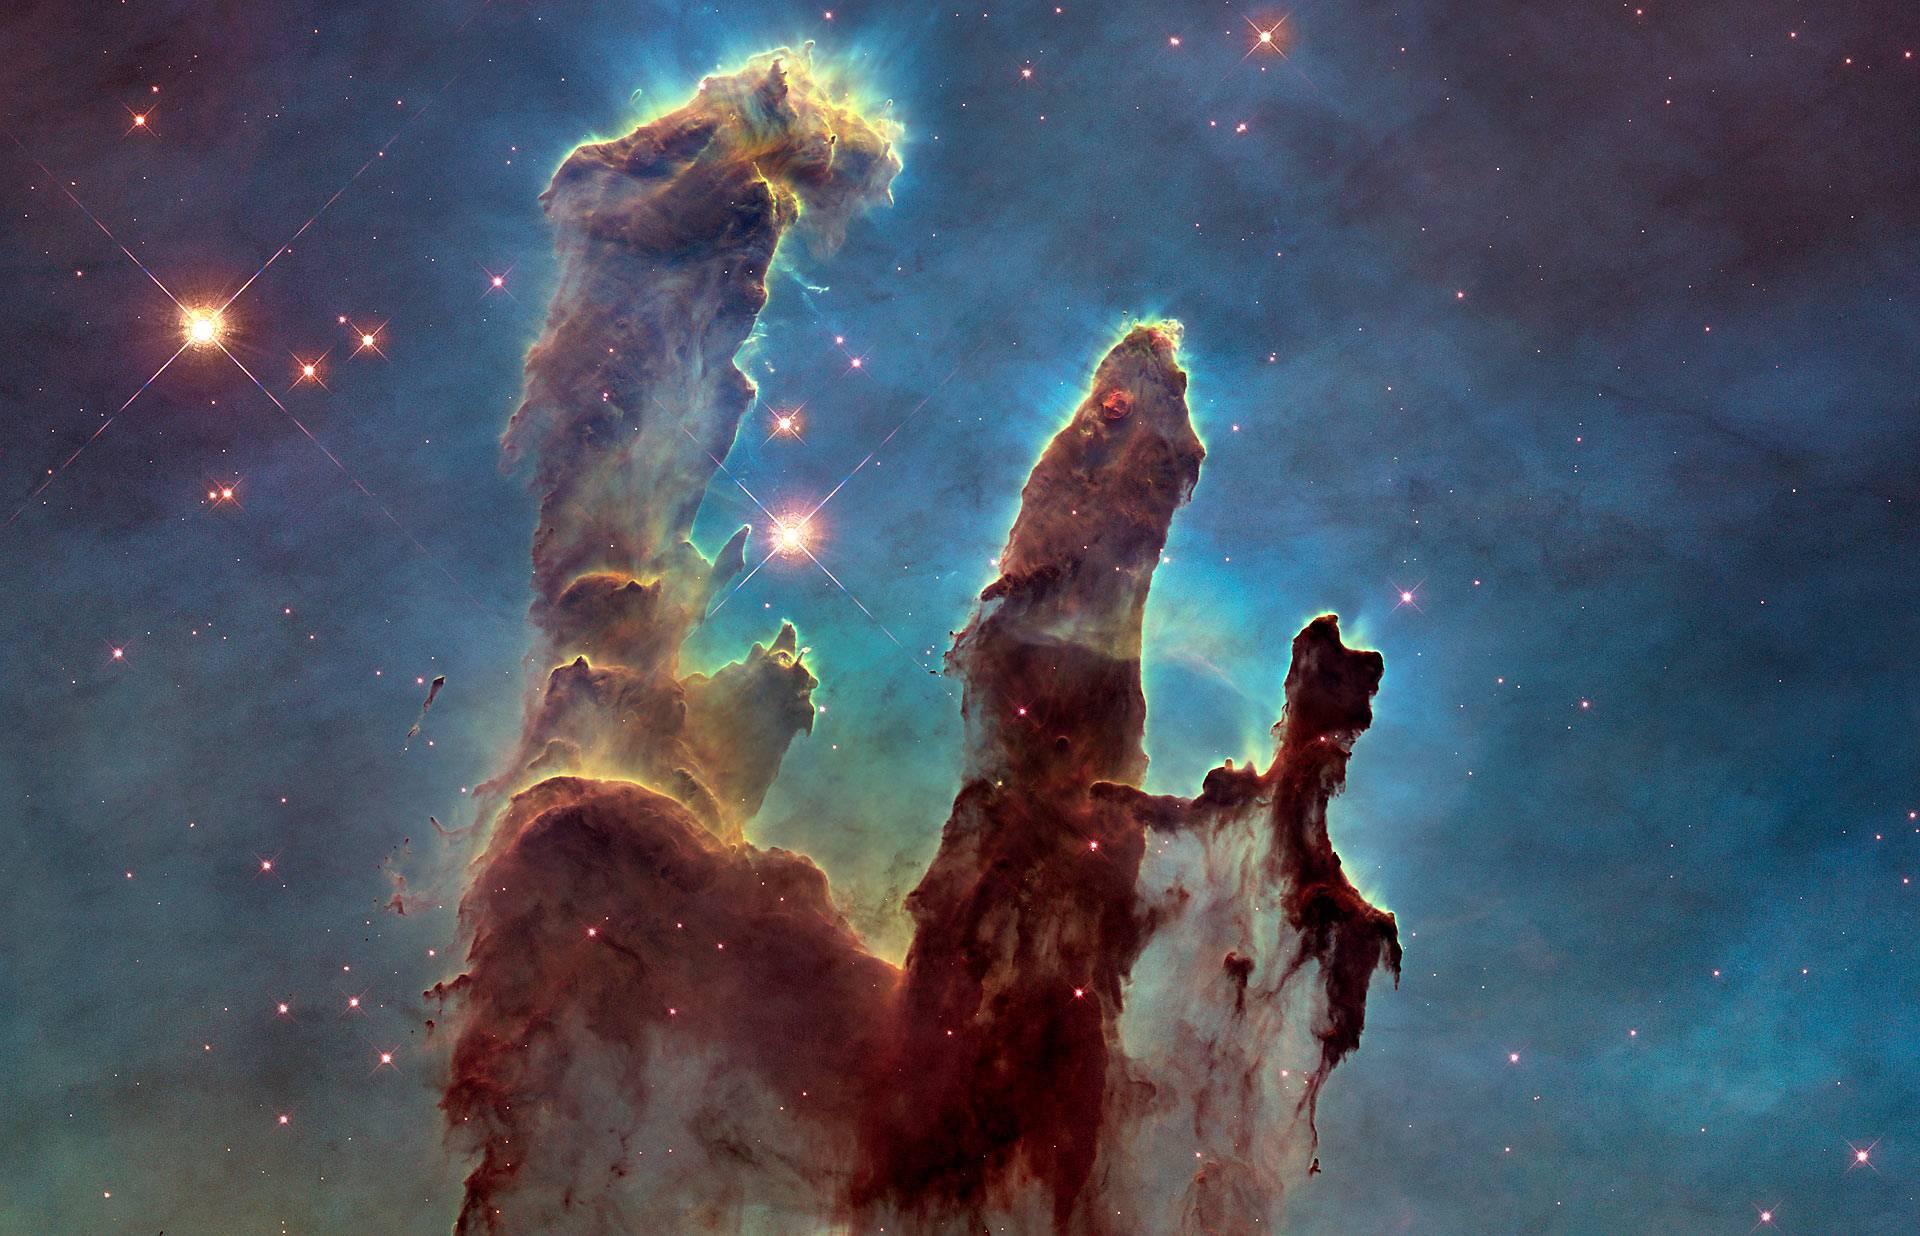 Hubblen kuuluisin kuva Luomisen pilarit Kotkasumussa.